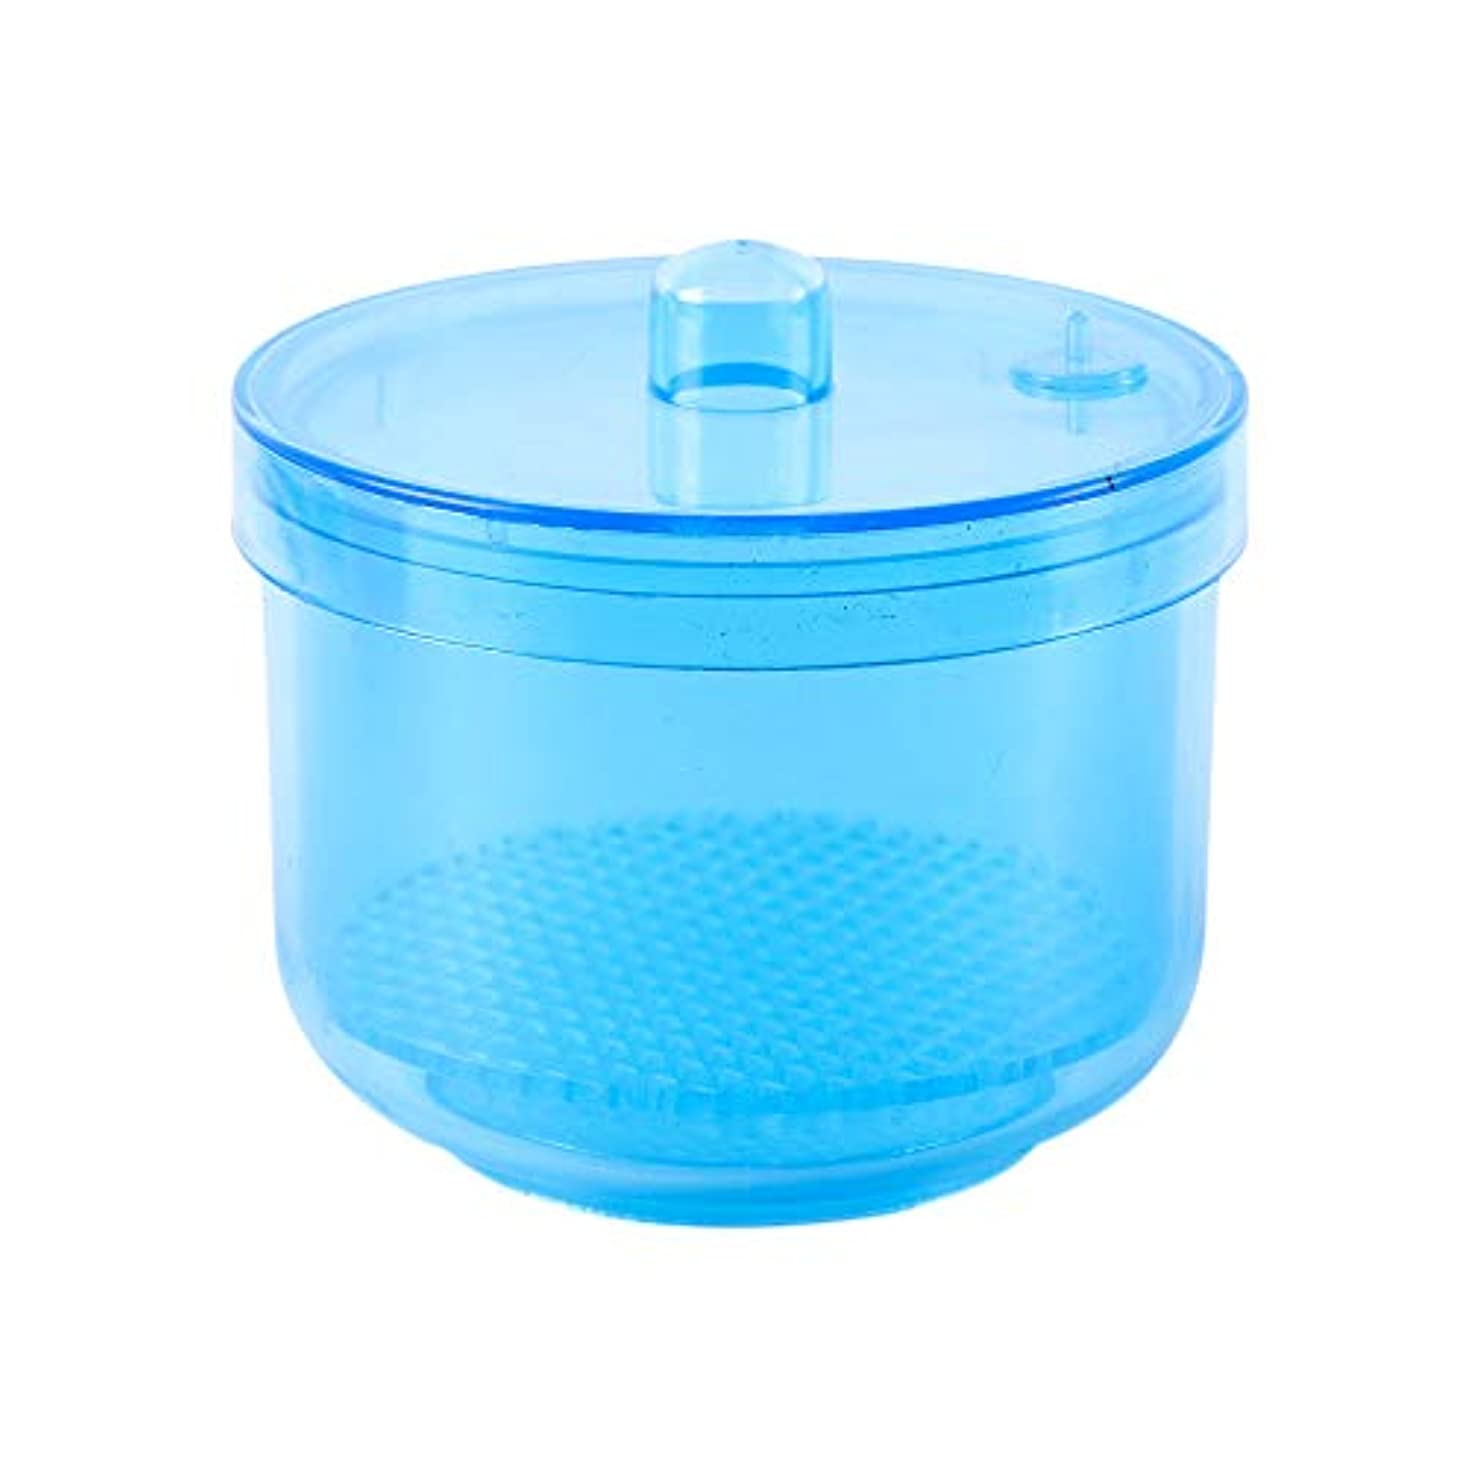 再生的管理するフロントCUHAWUDBA 1ピースネイル/ニードル消毒消毒収納ボックスネイル/ニードルビットクリーニングツールアクセサリーマニキュアクリーンネイル/ニードルツールカラーランダム